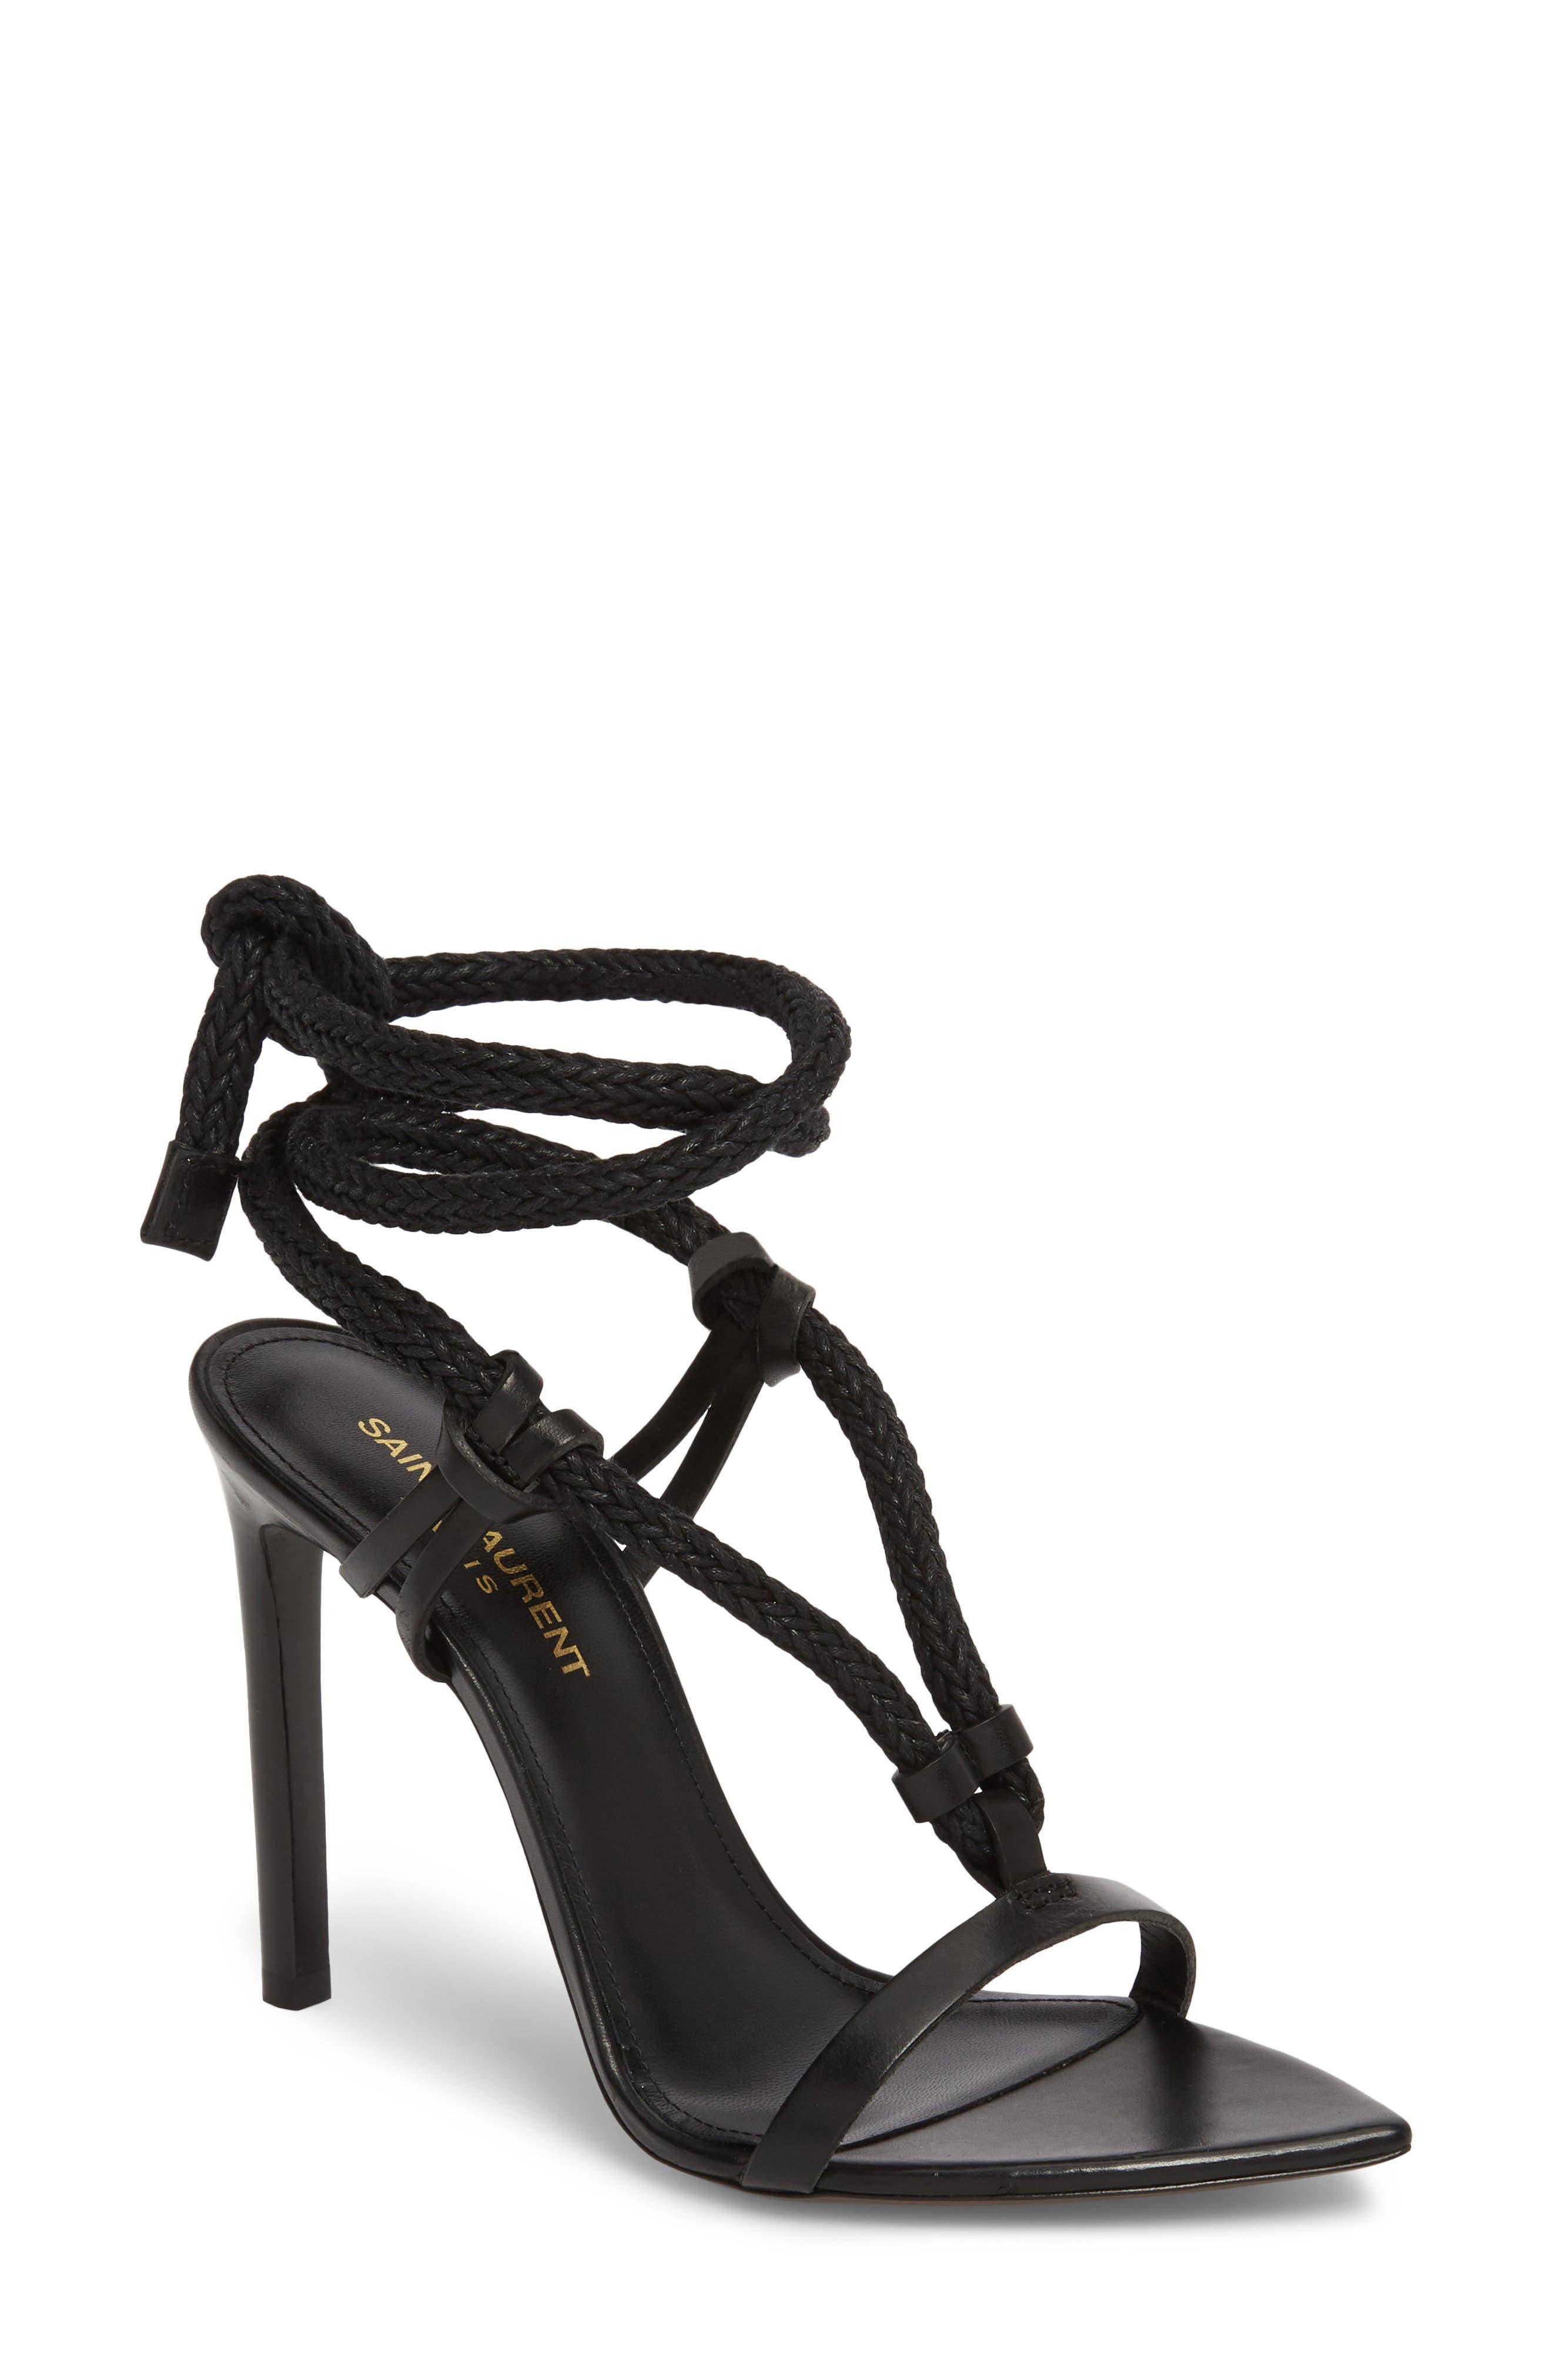 Majorelle Ankle Tie Sandal,                             Main thumbnail 1, color,                             001